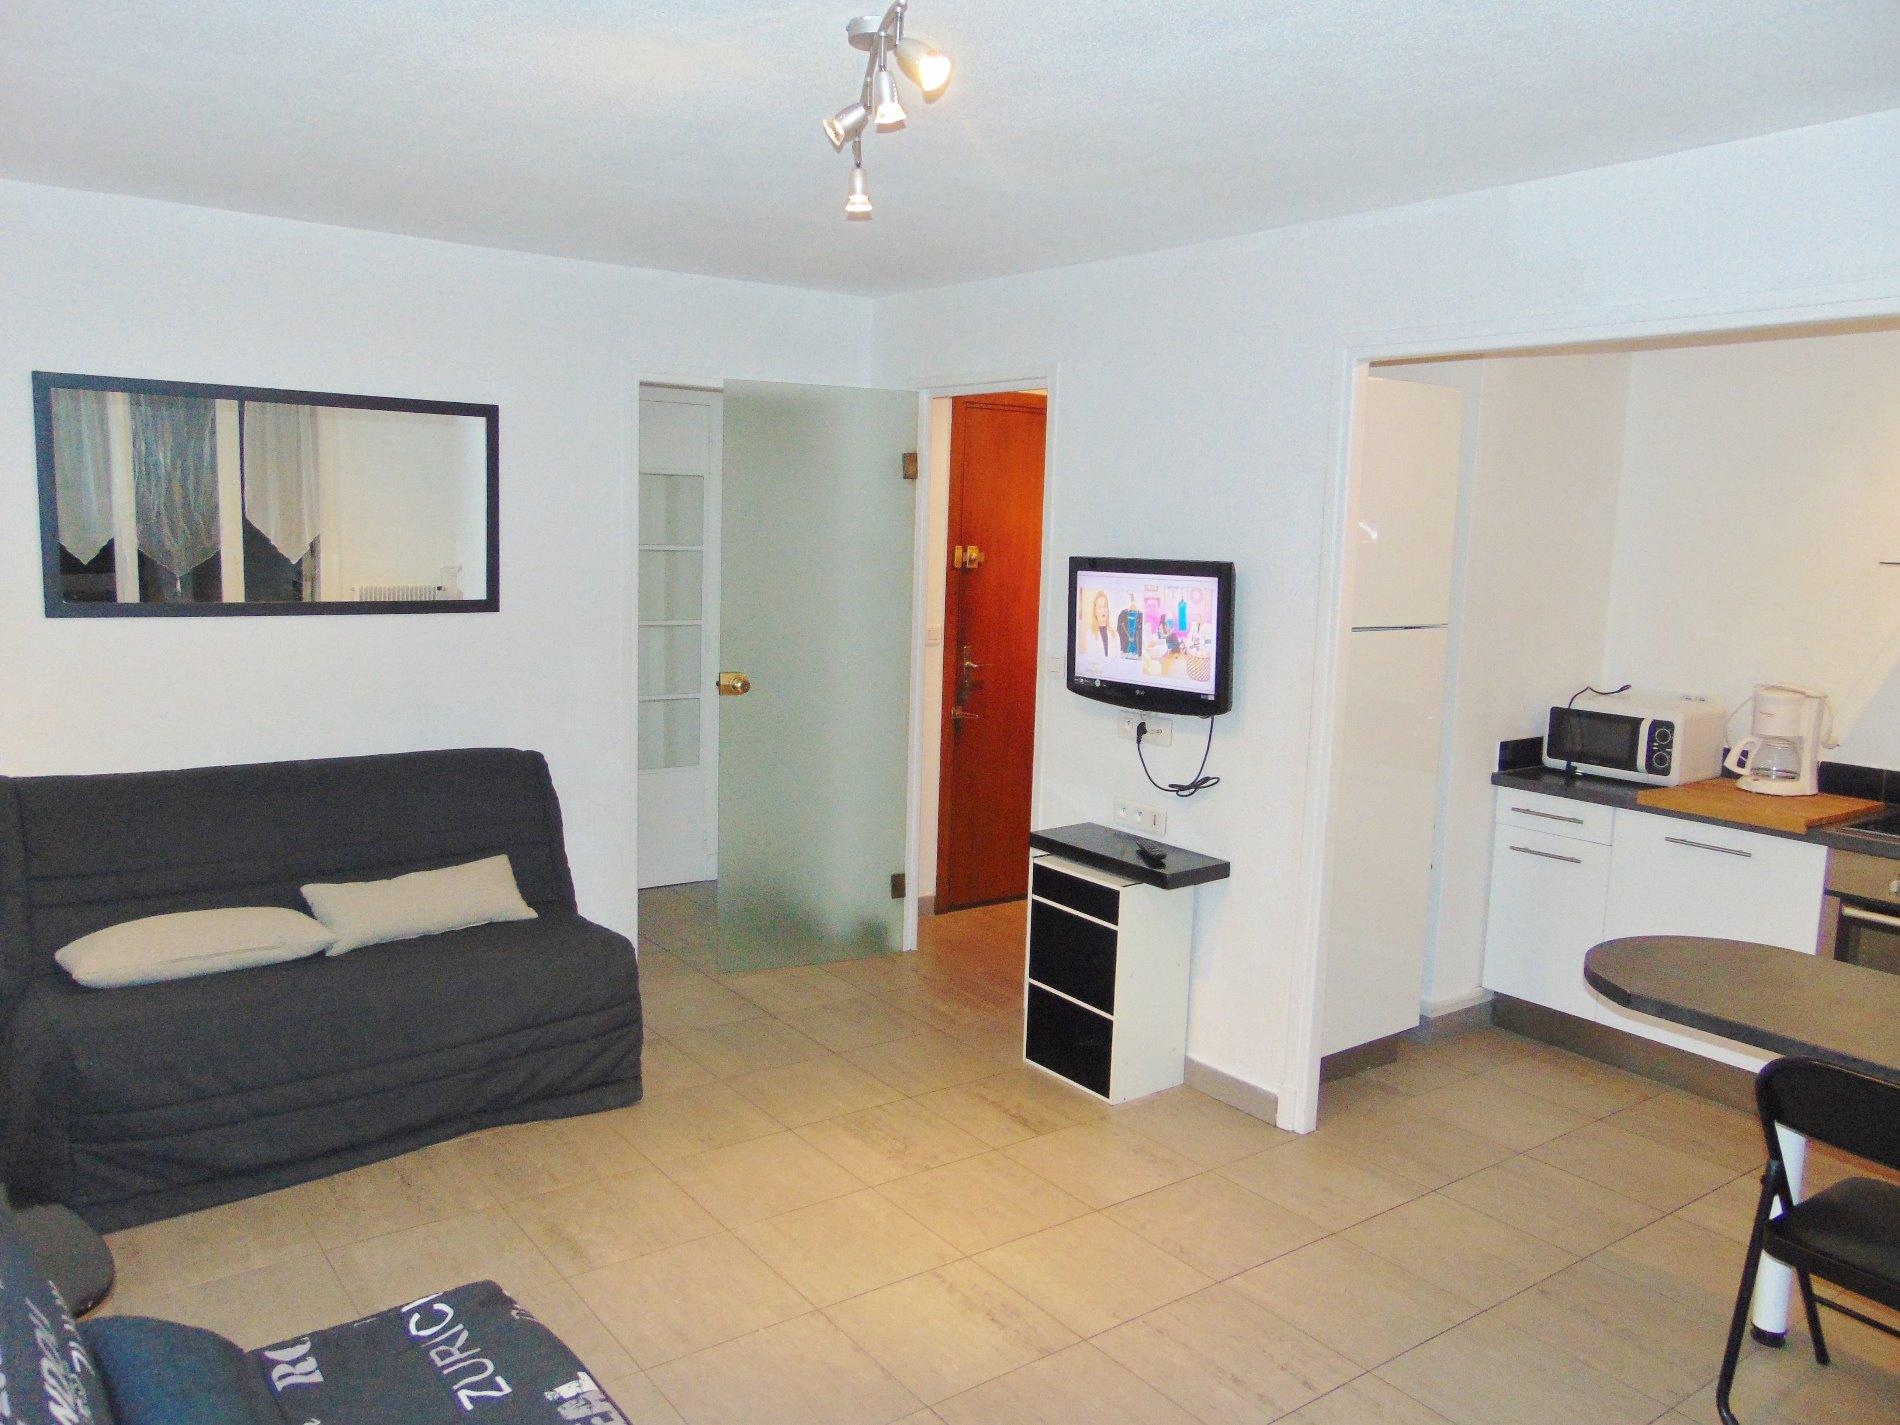 Immobilier Cannes Location Et Vente Appartement Et Villa